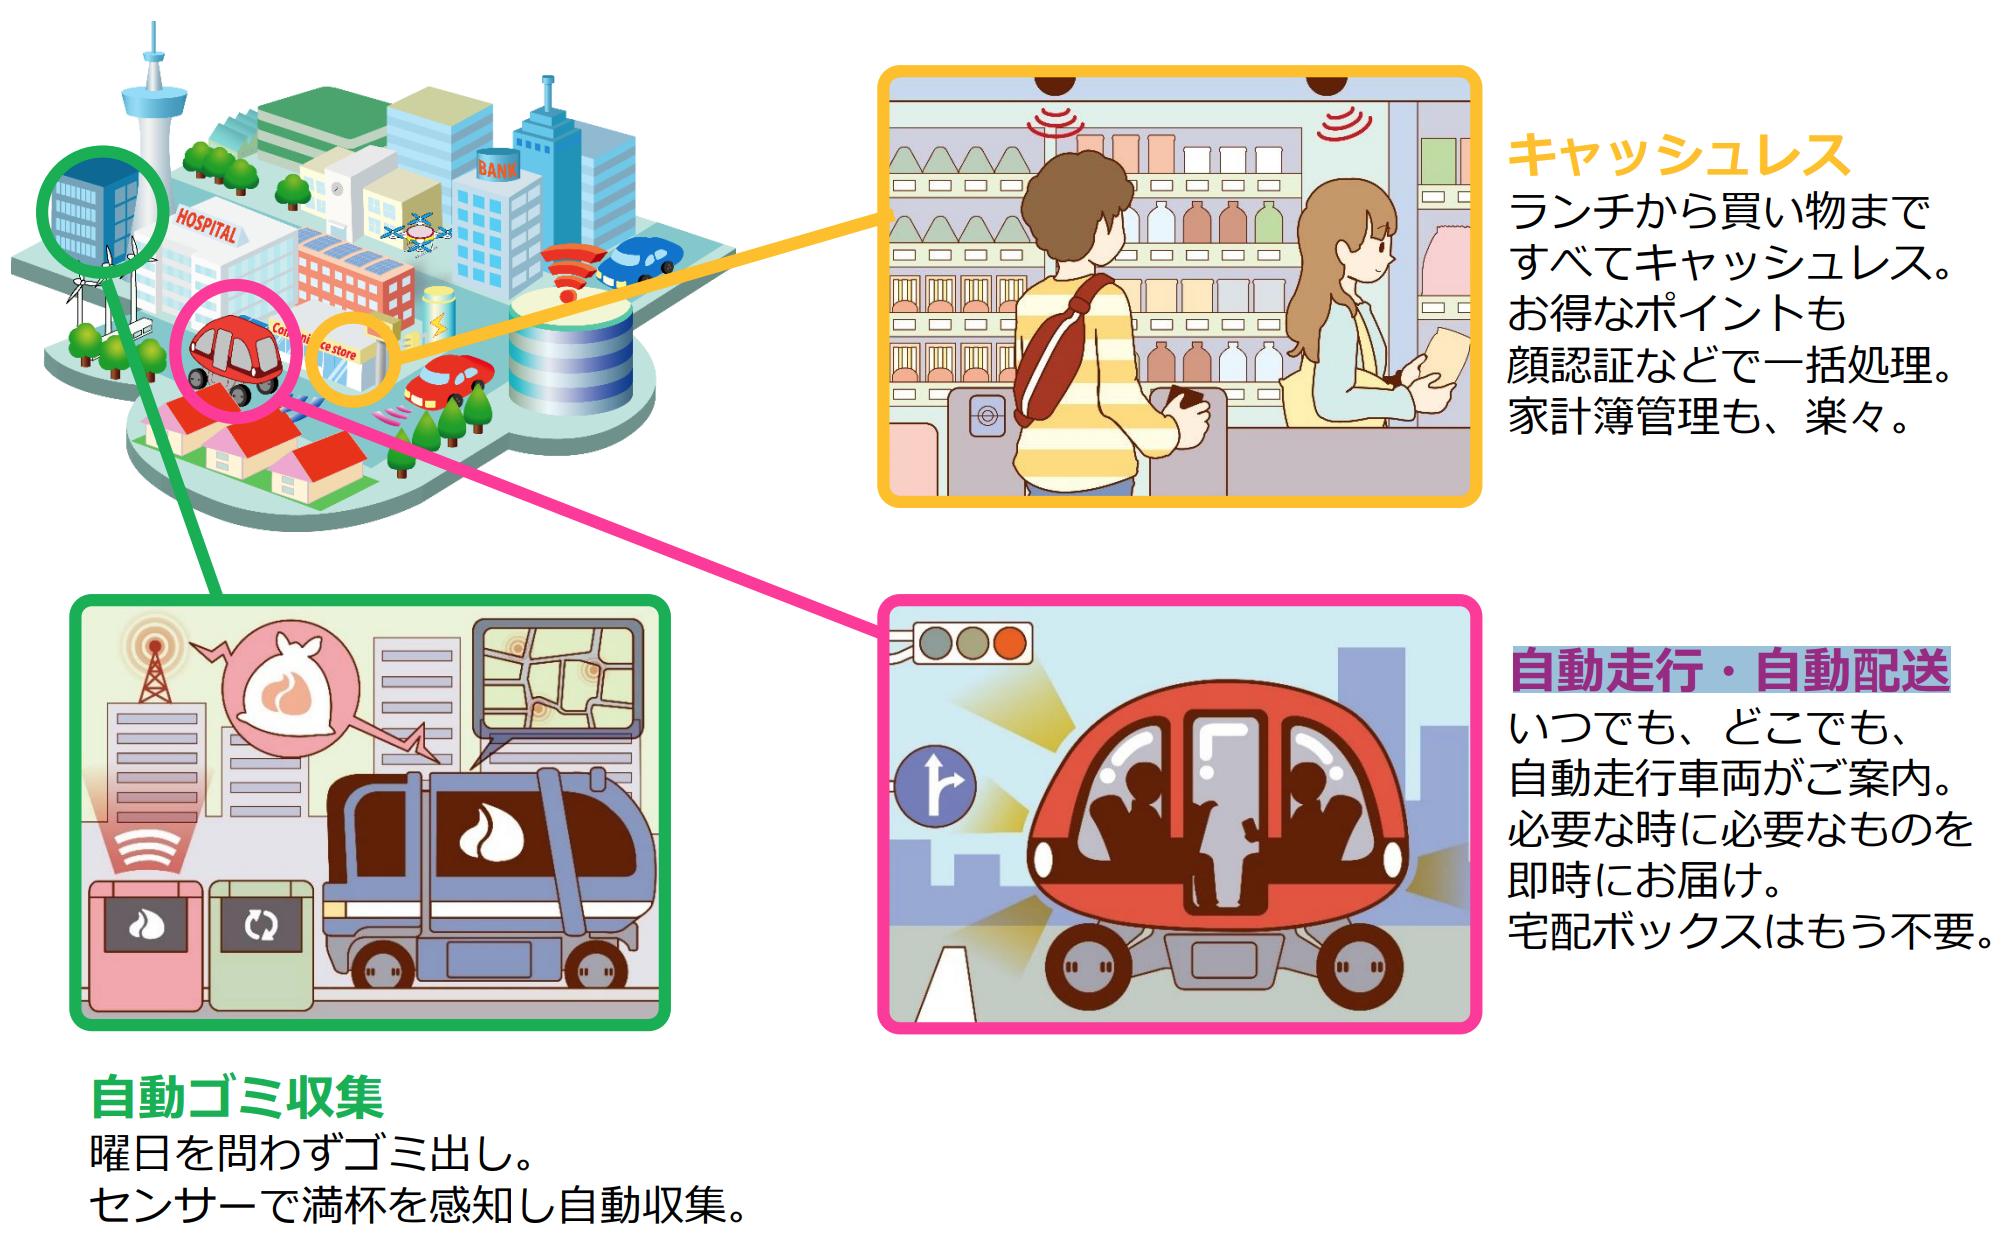 「スーパーシティ」構想実現に向けた実装技術と支える仕組み